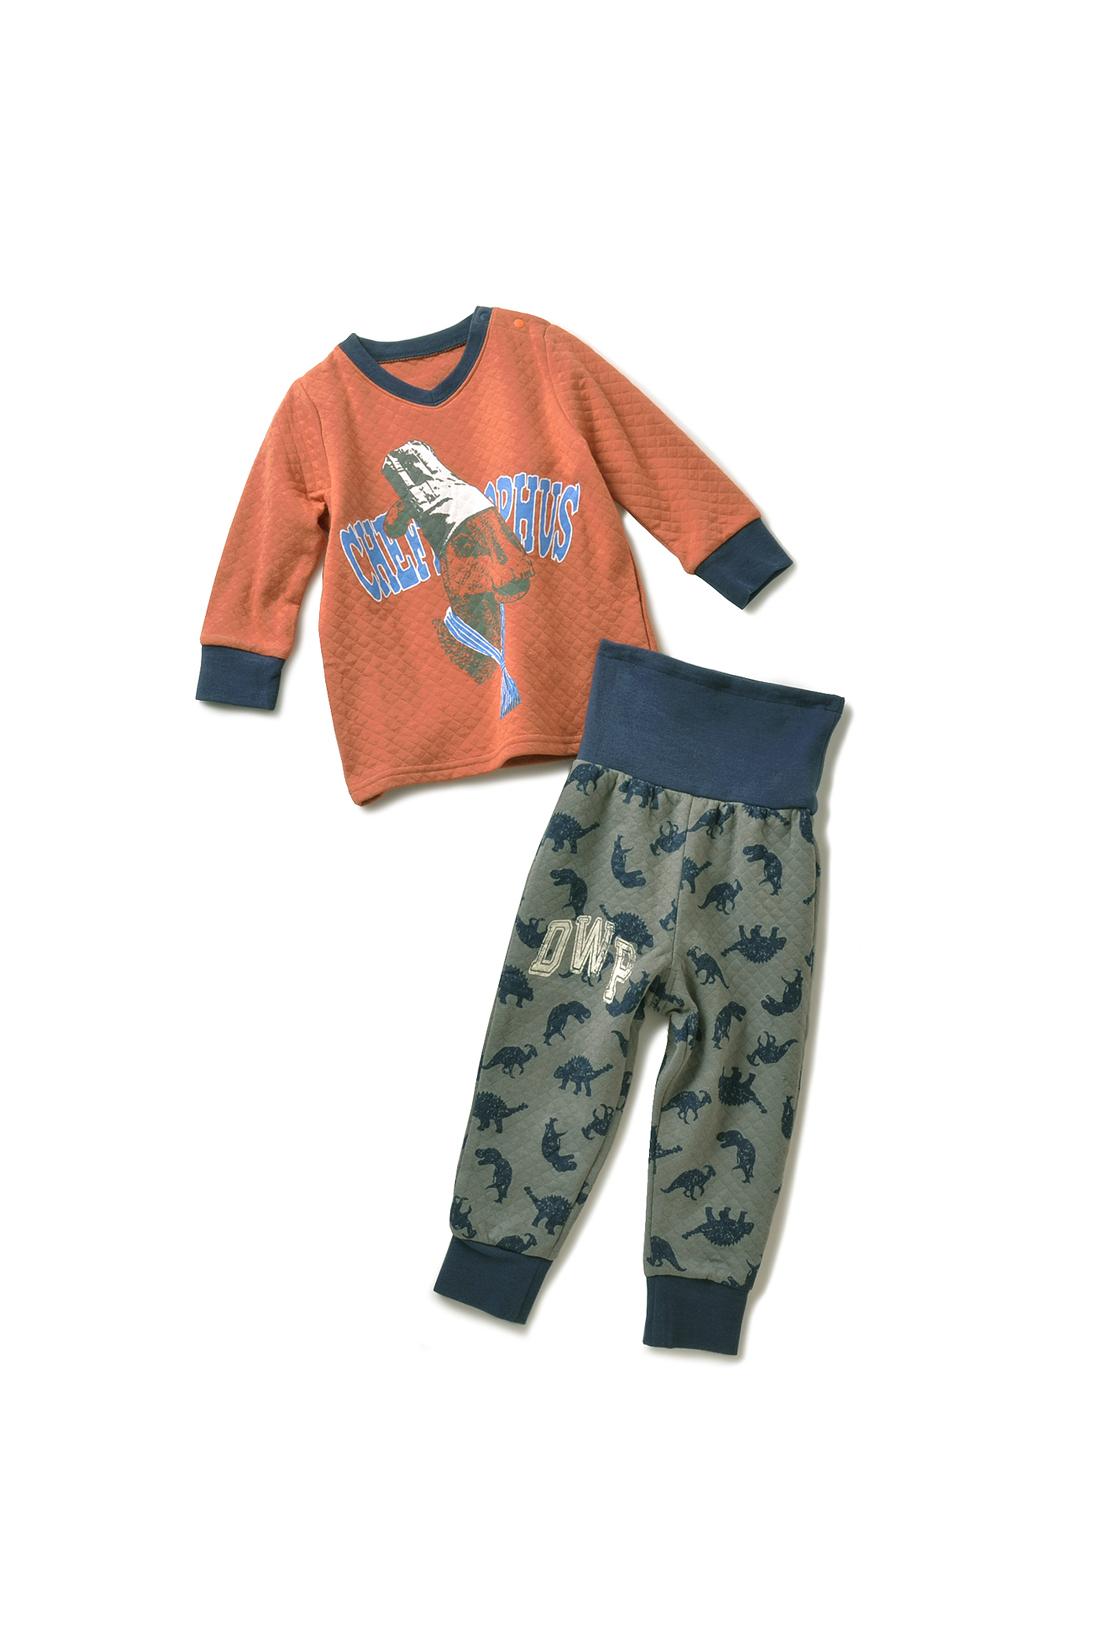 パンツの前側にはクールなロゴプリント。ひと目で前後がわかるので、ひとりでのお着替えもがんばれそう!